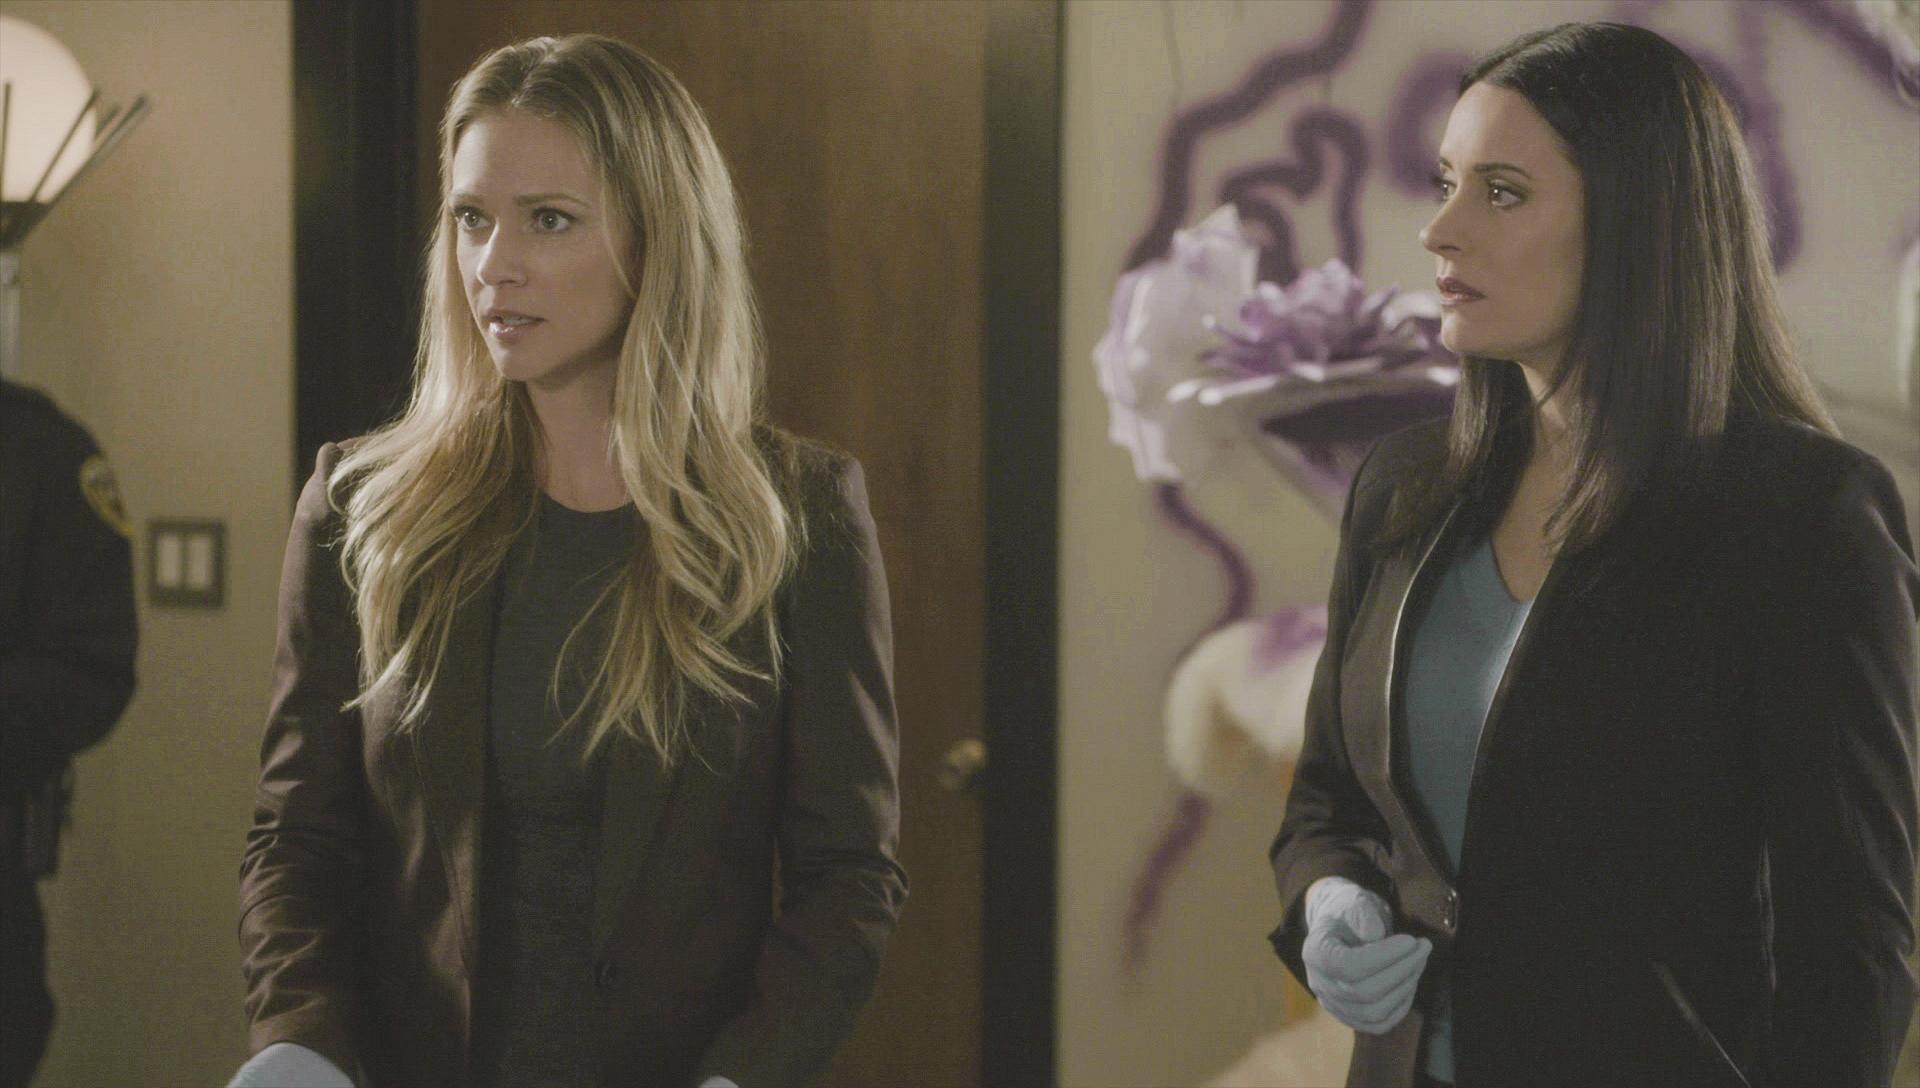 JJ and Prentiss discuss the scene.